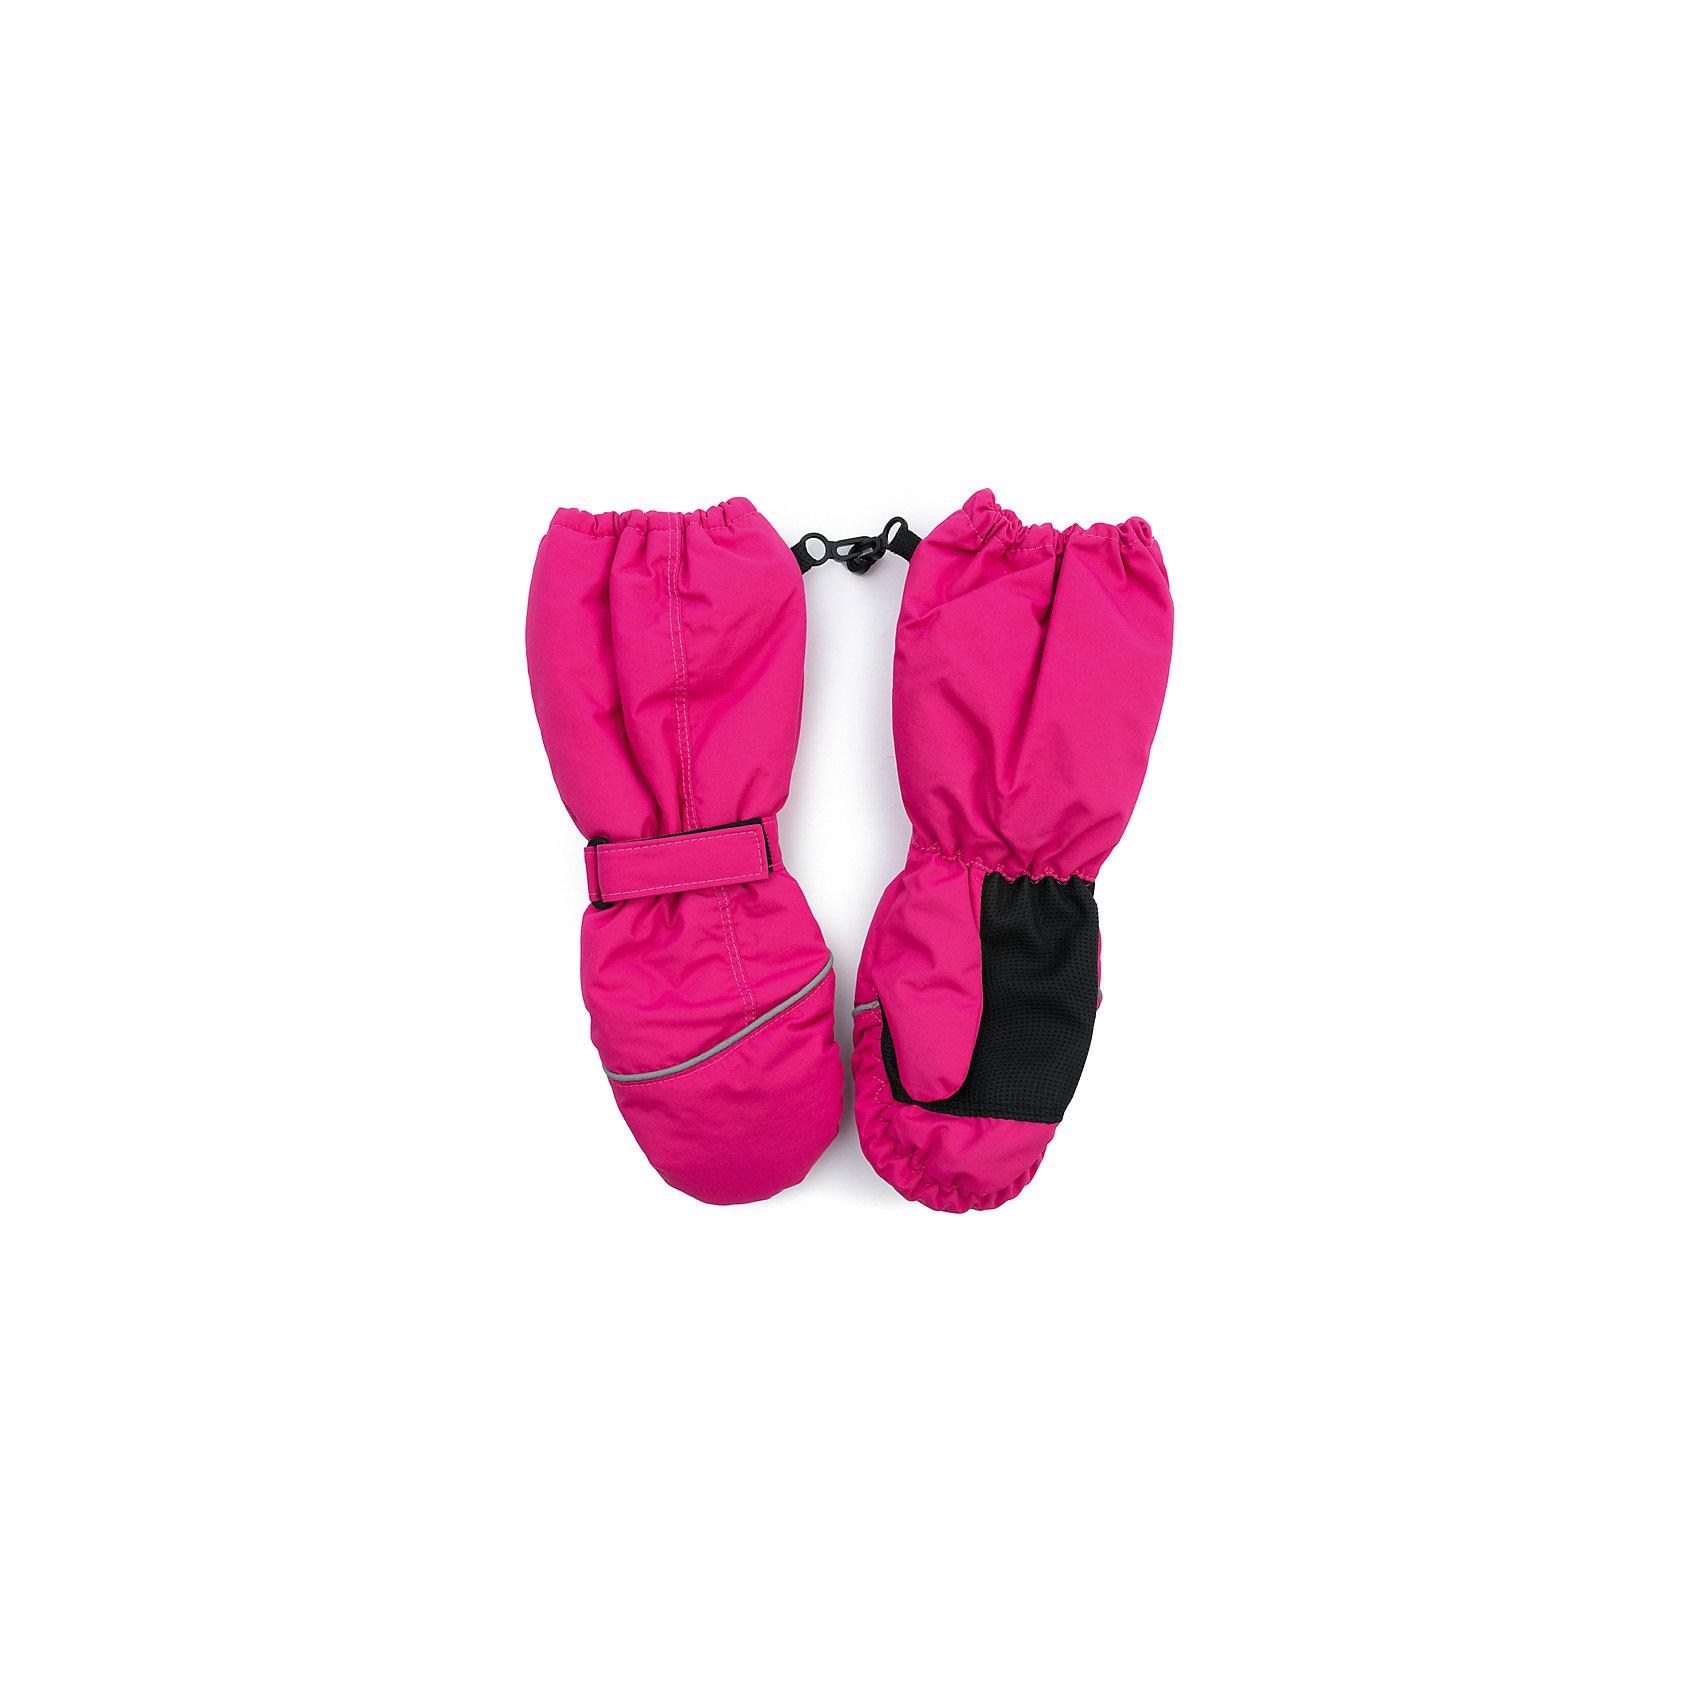 Варежки PlayToday для девочкиПерчатки, варежки<br>Варежки PlayToday для девочки<br>Теплые рукавицы из непромокаемого материала защитят руки ребенка при холодной погоде. Модель на подкладке из теплого флиса. Удлиненные запястья дополнены резинками для дополнительного сохранения тепла.<br>Состав:<br>Верх: 100% полиэстер, Подкладка: 100% полиэстер, Наполнитель: 100% полиэстер<br><br>Ширина мм: 162<br>Глубина мм: 171<br>Высота мм: 55<br>Вес г: 119<br>Цвет: белый<br>Возраст от месяцев: 84<br>Возраст до месяцев: 96<br>Пол: Женский<br>Возраст: Детский<br>Размер: 4,2,3<br>SKU: 7106414